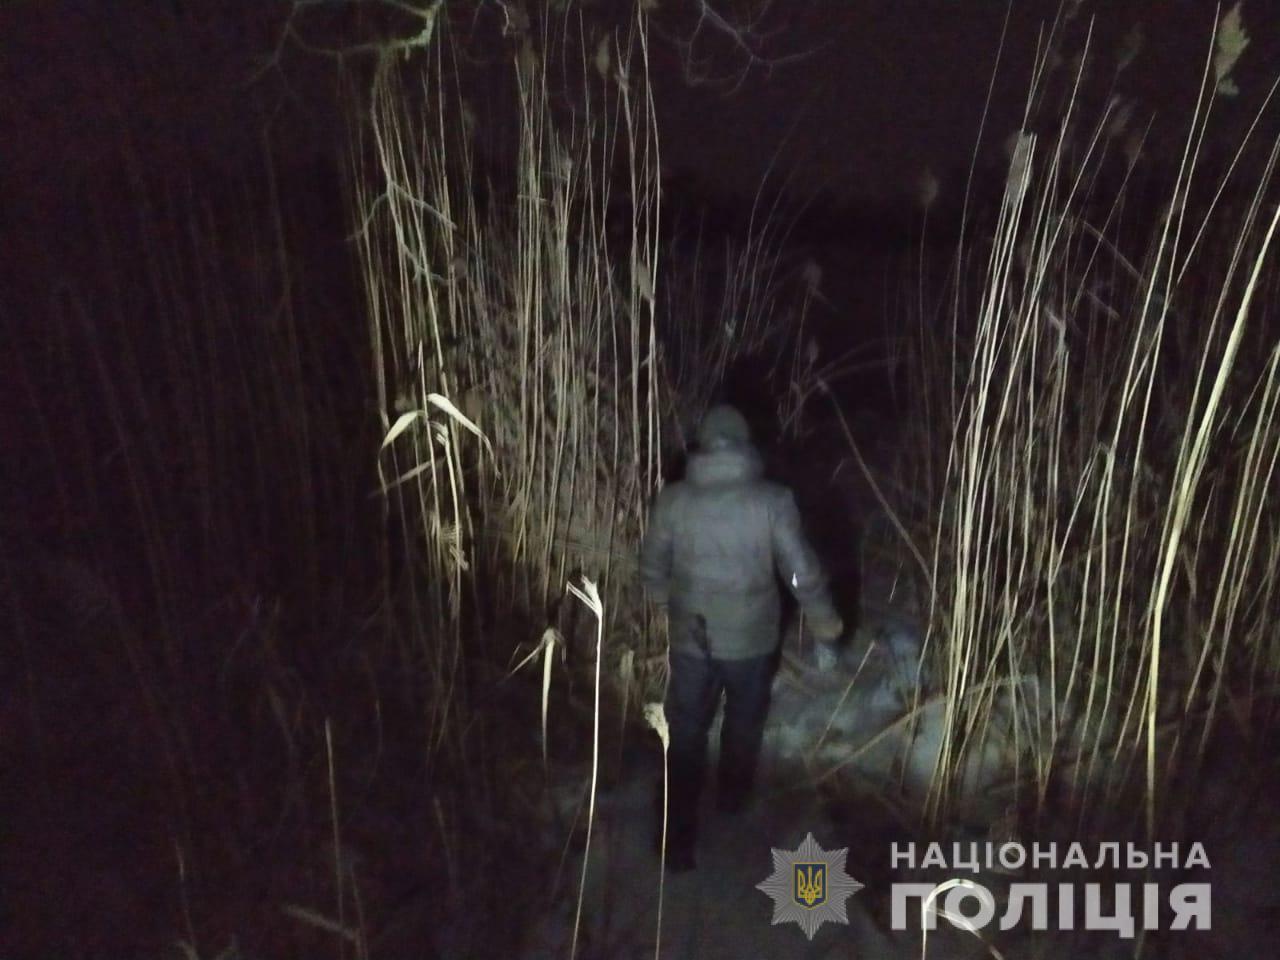 В Харьковской области два рыбака умерли, провалившись под лед (фото)